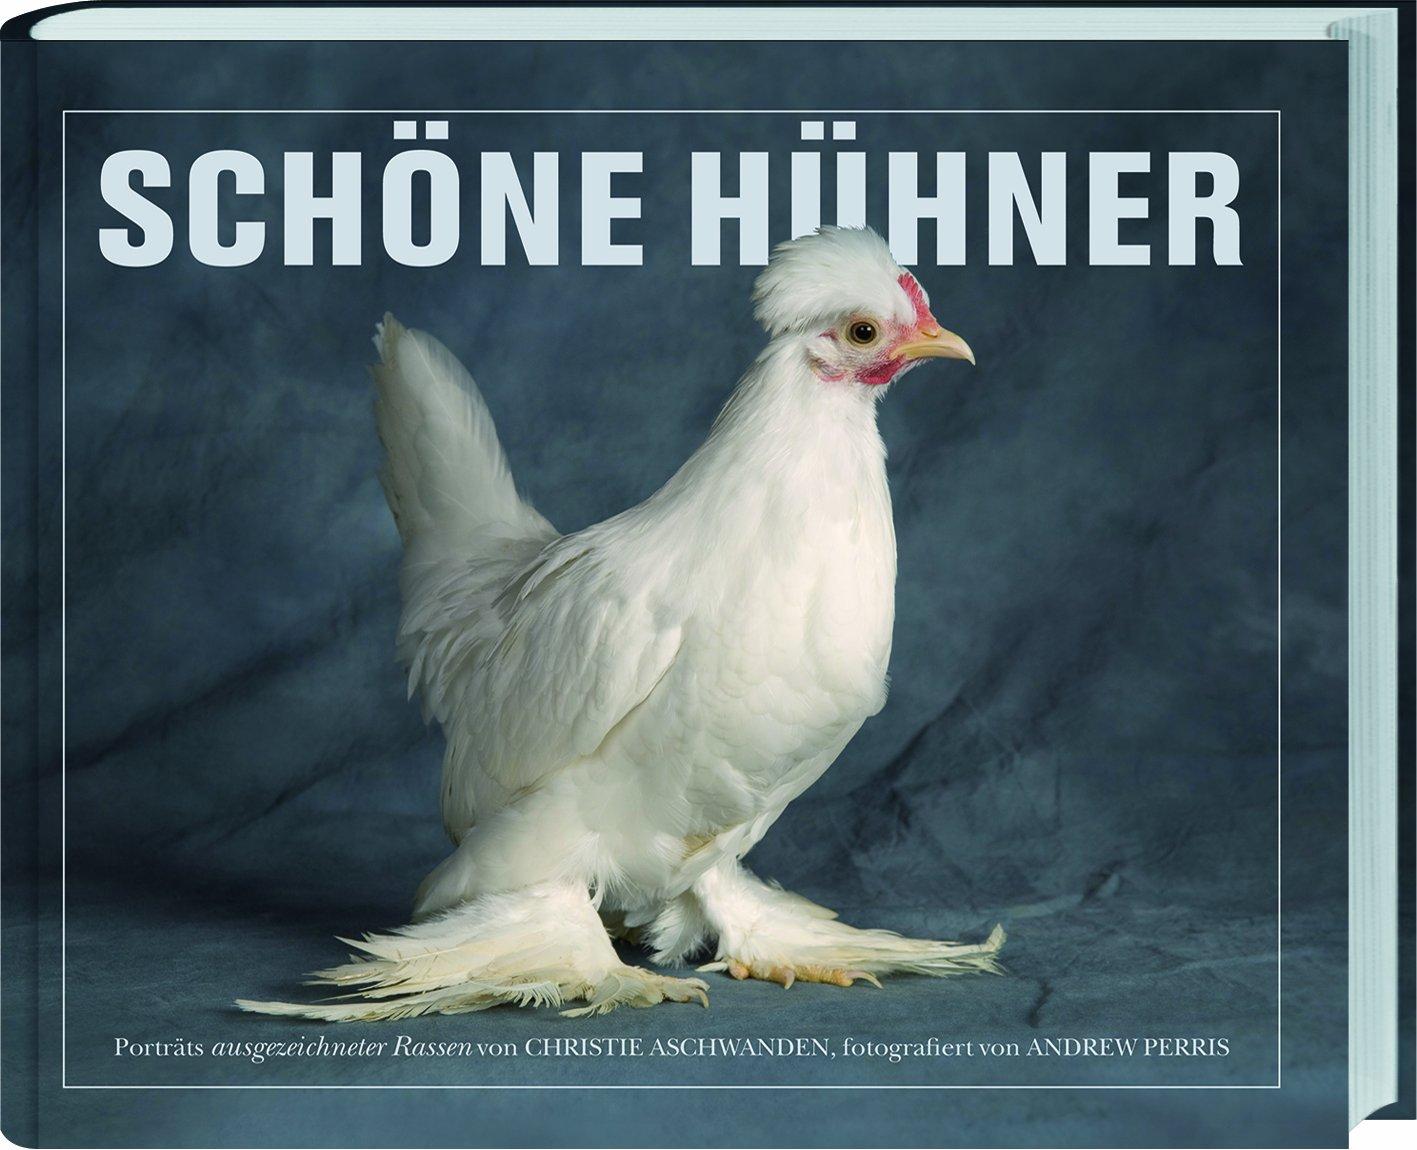 Schöne Hühner